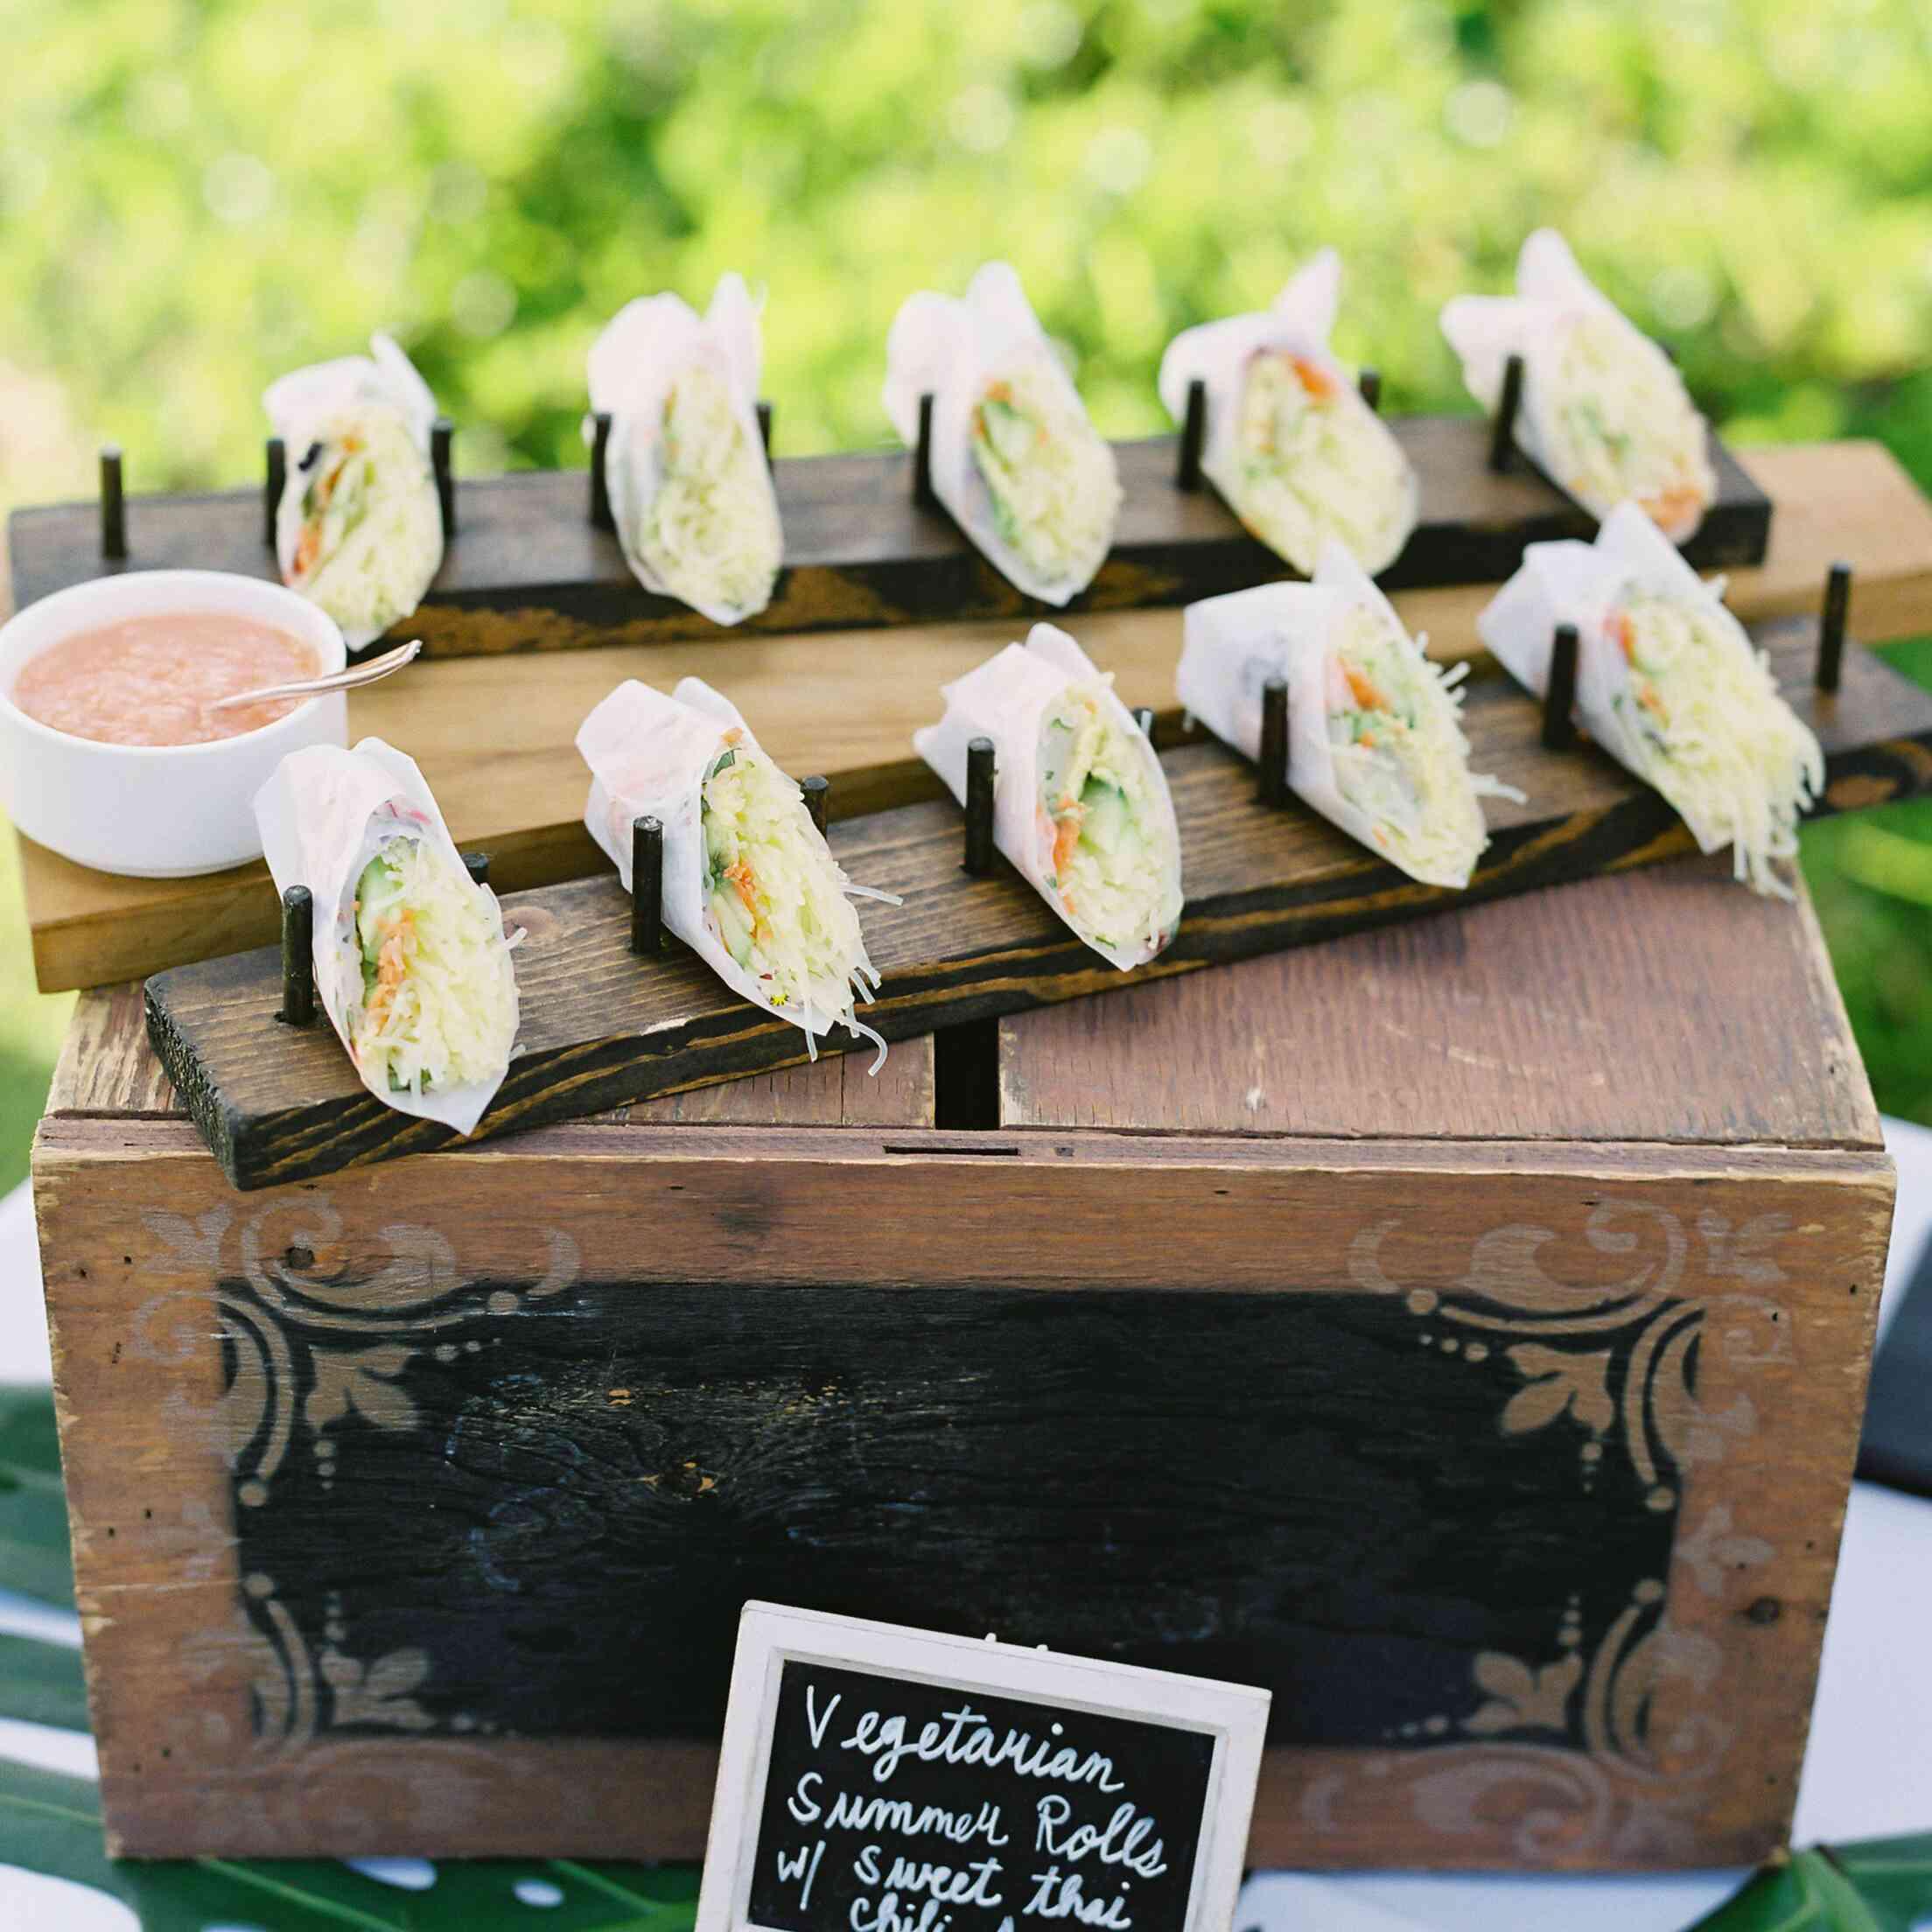 Summer Wedding Dinner Menu Ideas: 30 Mouth-Watering Wedding Menu Ideas For A Summer Wedding